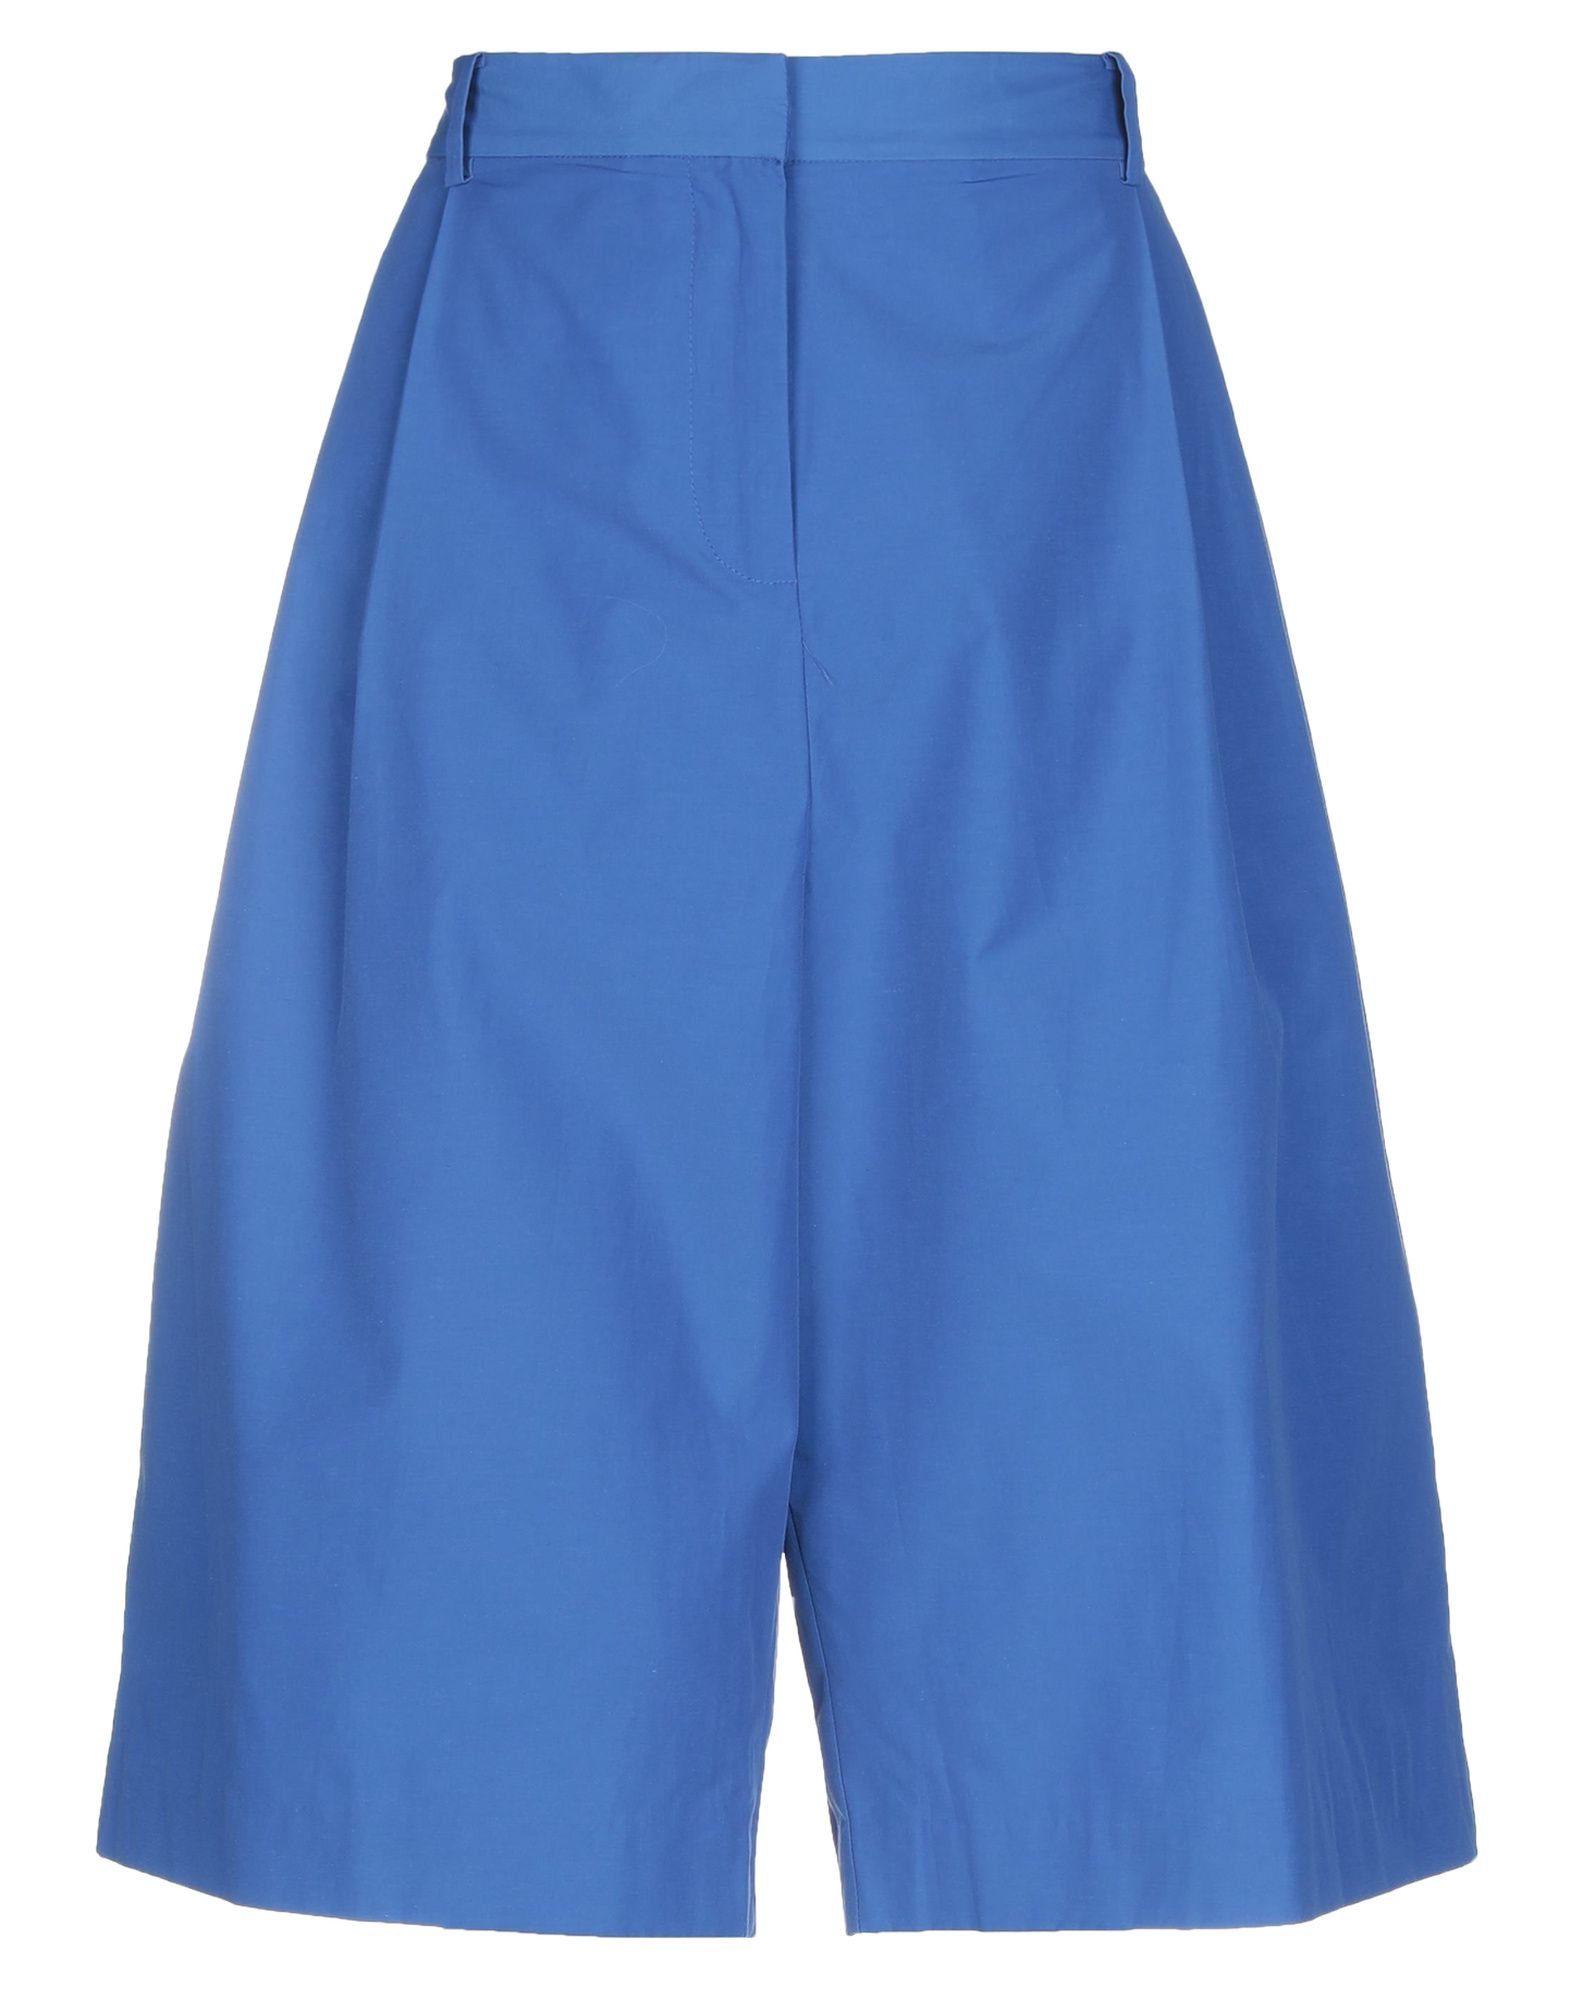 0622137d078b Брендовая женская одежда и аксессуары - сток Itsunsolutions